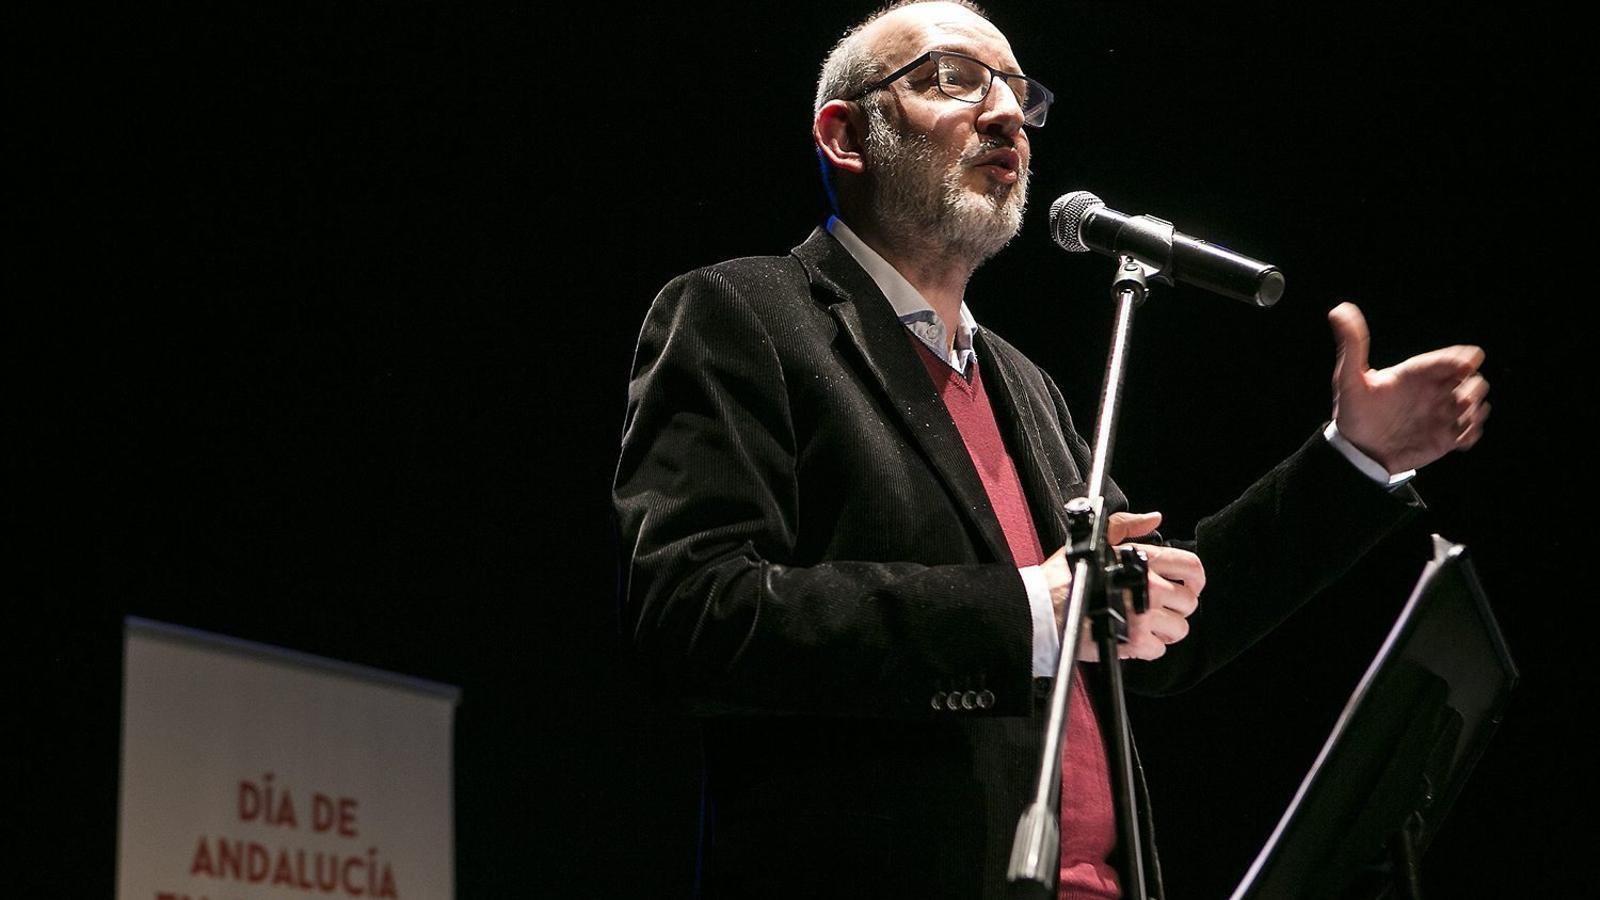 Bassas recull el premi de la FECAC amb una crida a la integració